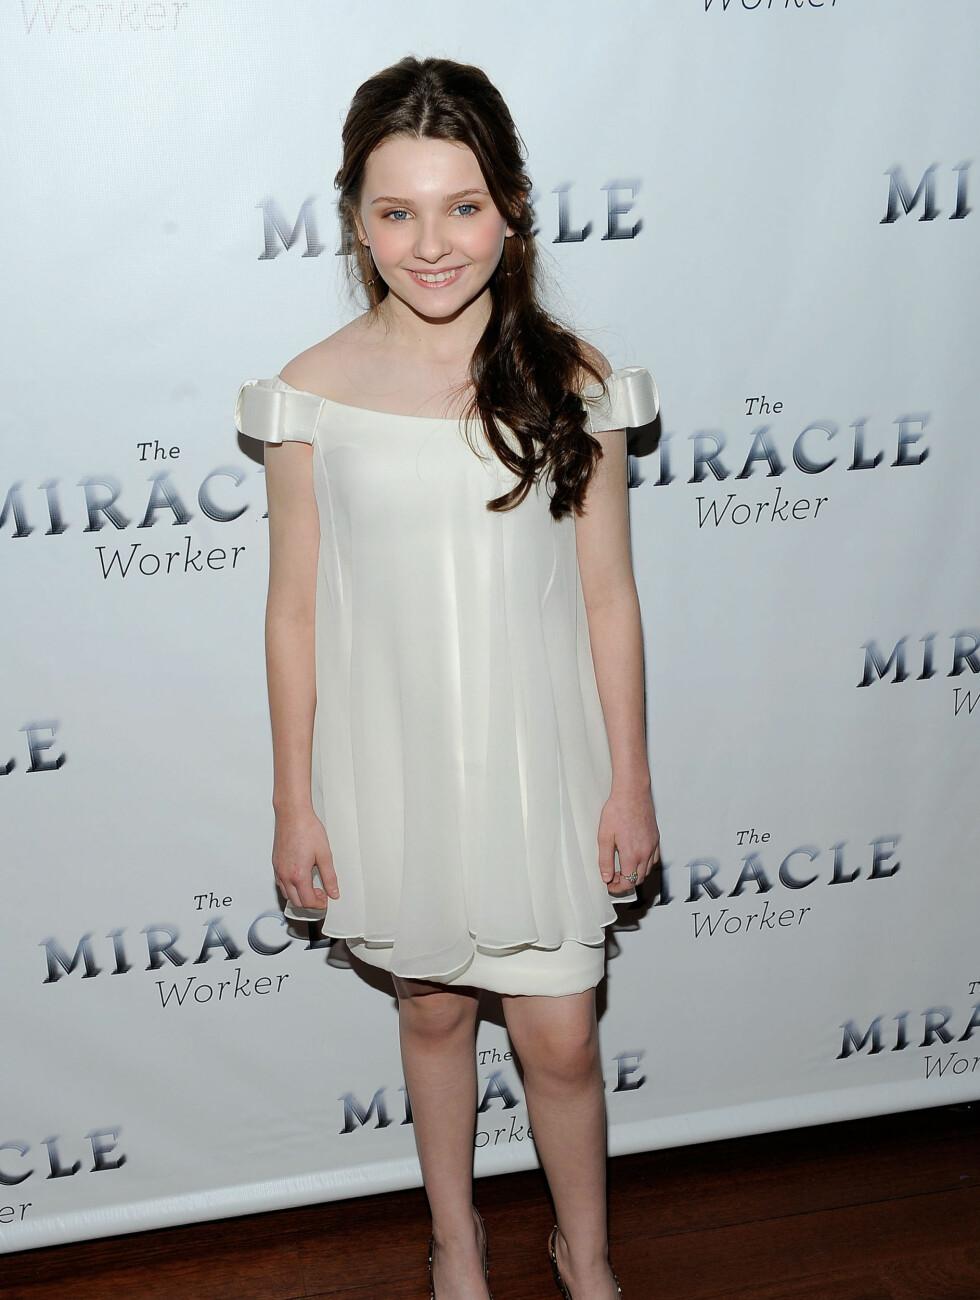 USKYLDSHVITT: Breslin hadde mørkt hår da hun dro på filmpremiere i 2010 i en florlett minikjole i hvit chiffon.  Foto: All Over Press